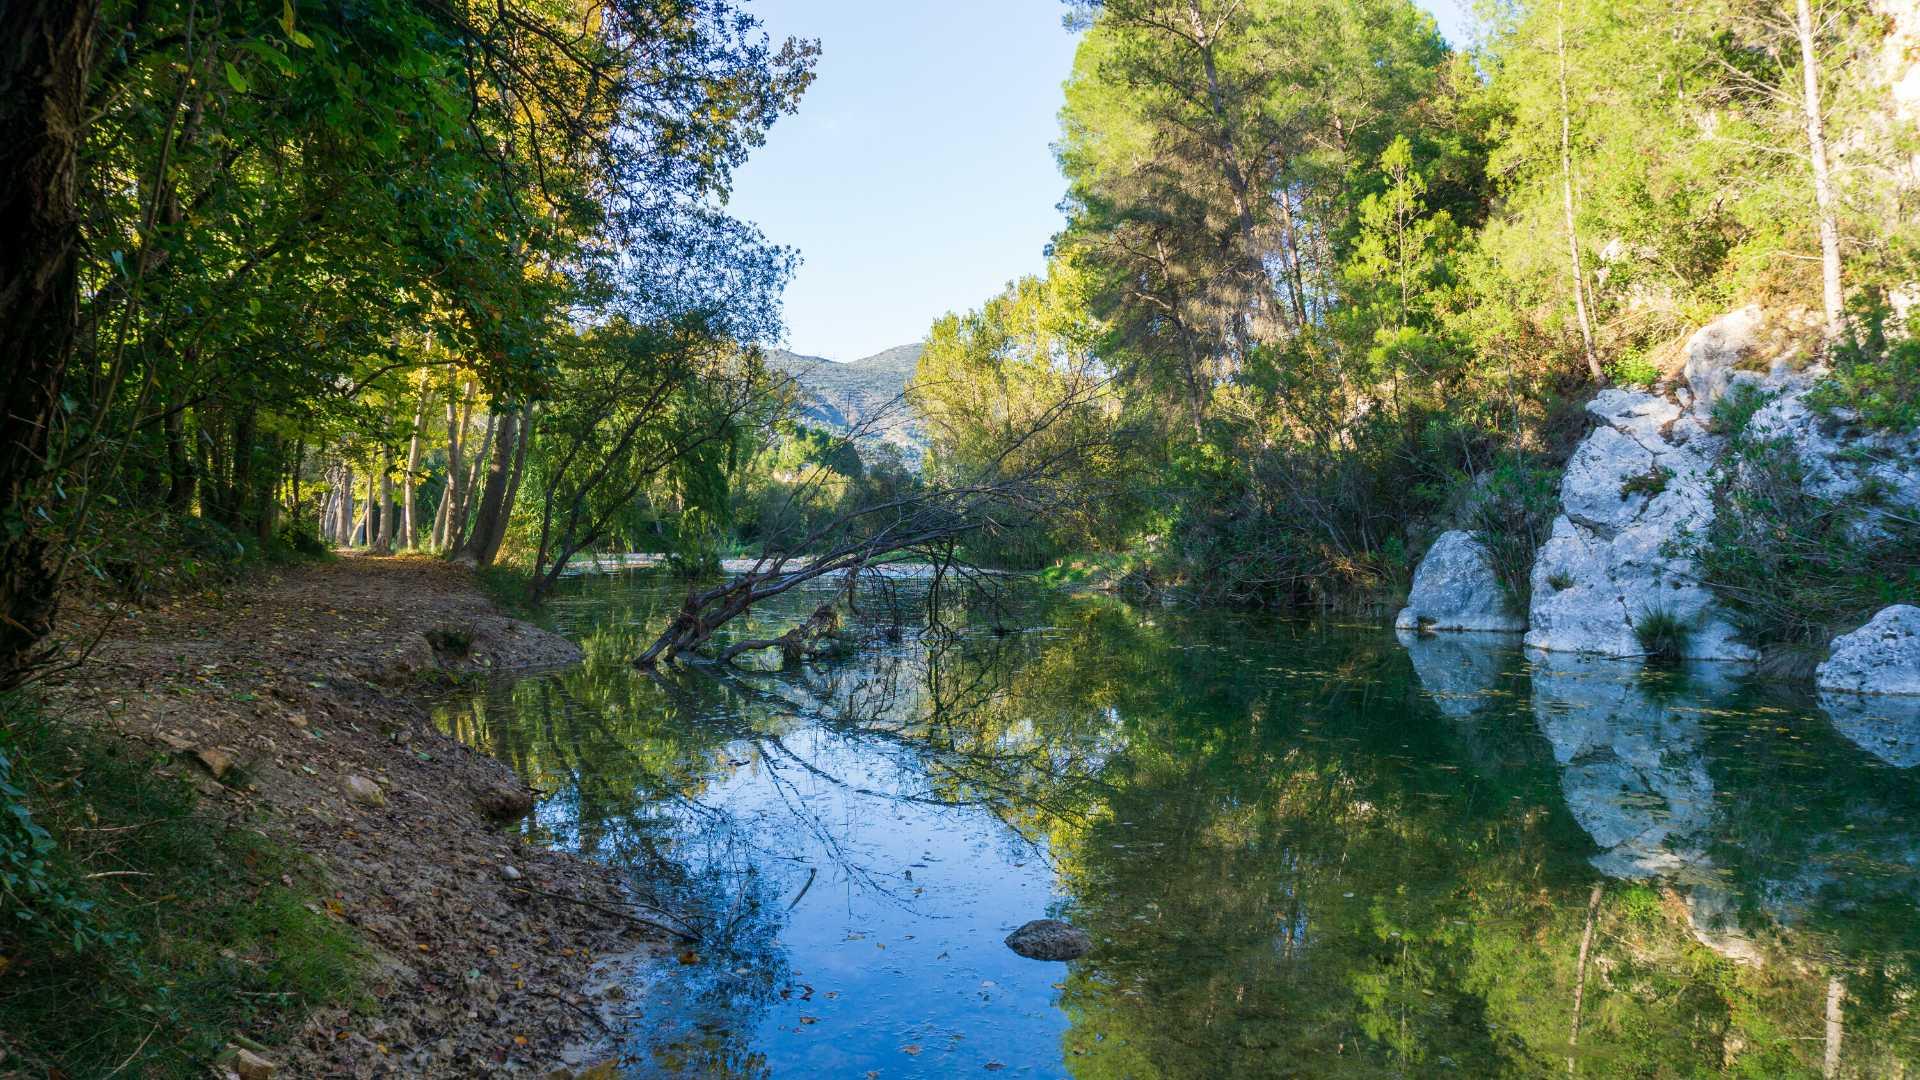 Ruta senderista: El Barranc de l'Encantada